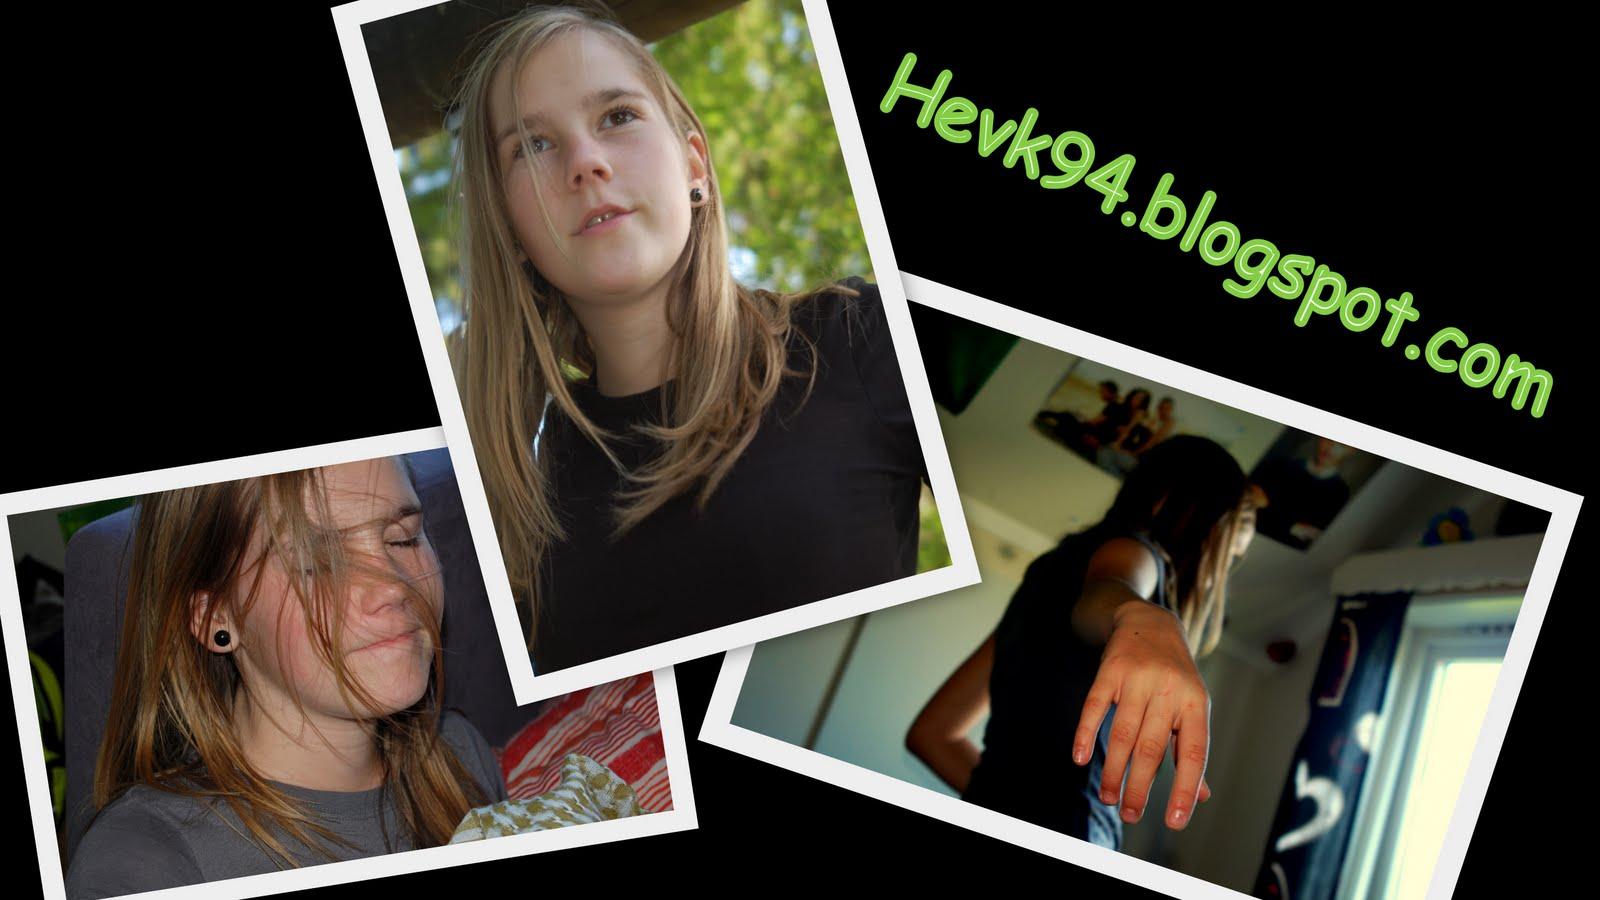 hevk94